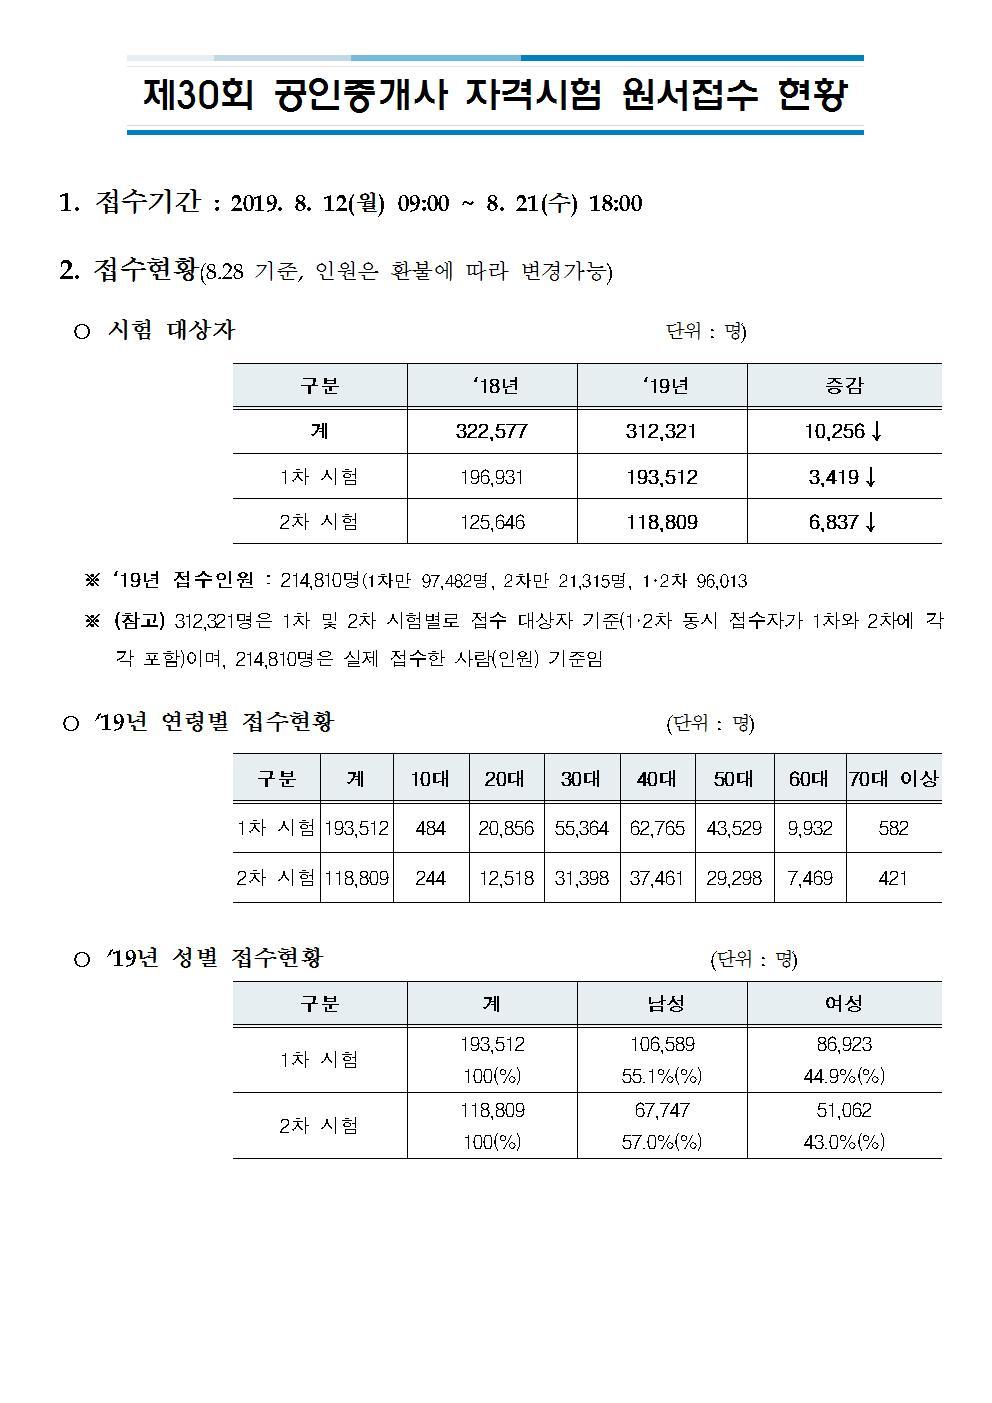 제30회 공인중개사 자격시험 원서접수 현황